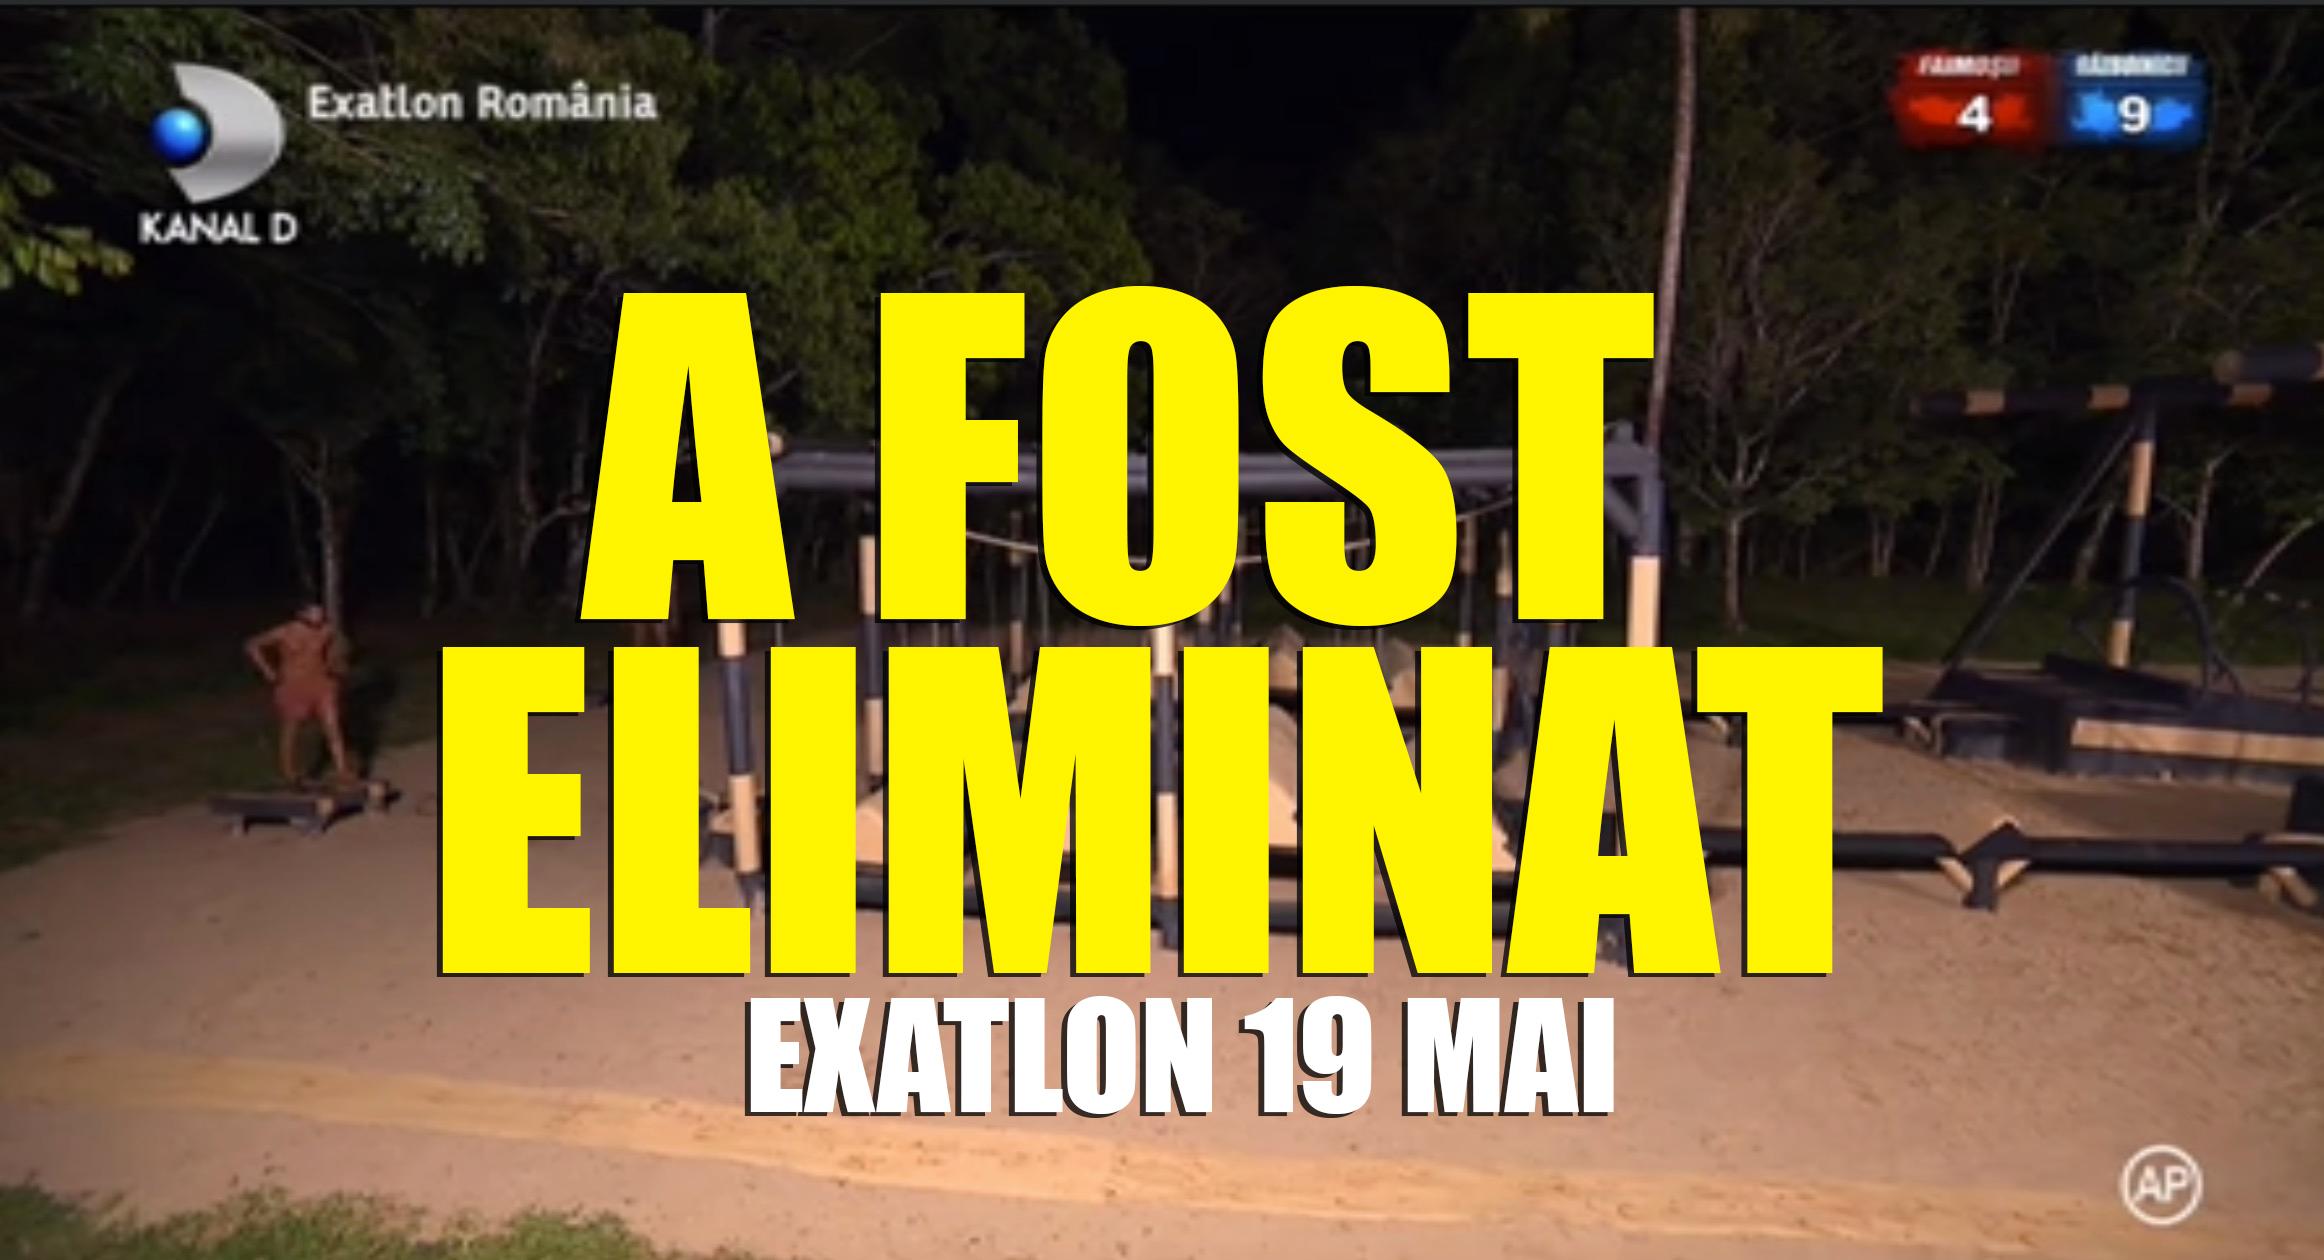 Exatlon 19 mai 2018 Concurentul eliminat din joc este